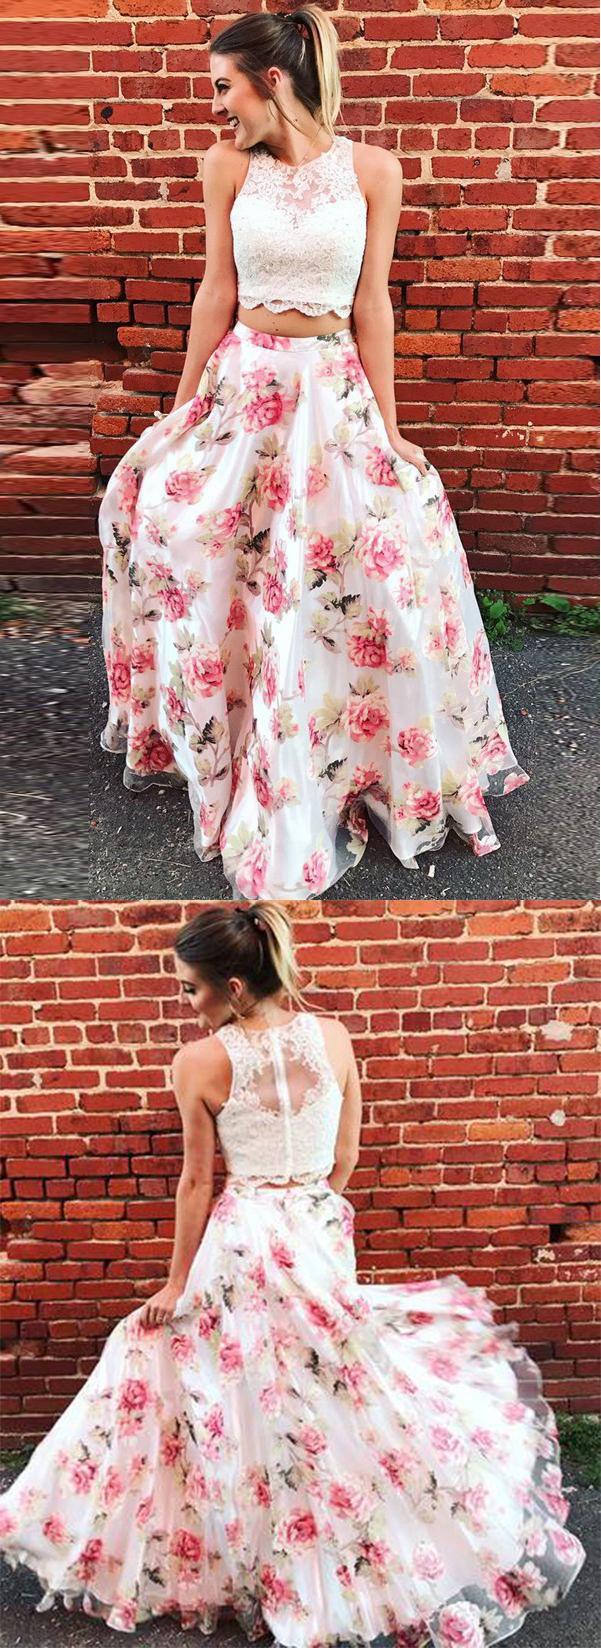 Two Piece Floral Long Lace A Line Prom Dress Graduation Party Dress #flower #twopieces #lace #aline #floral #prom #okdresses